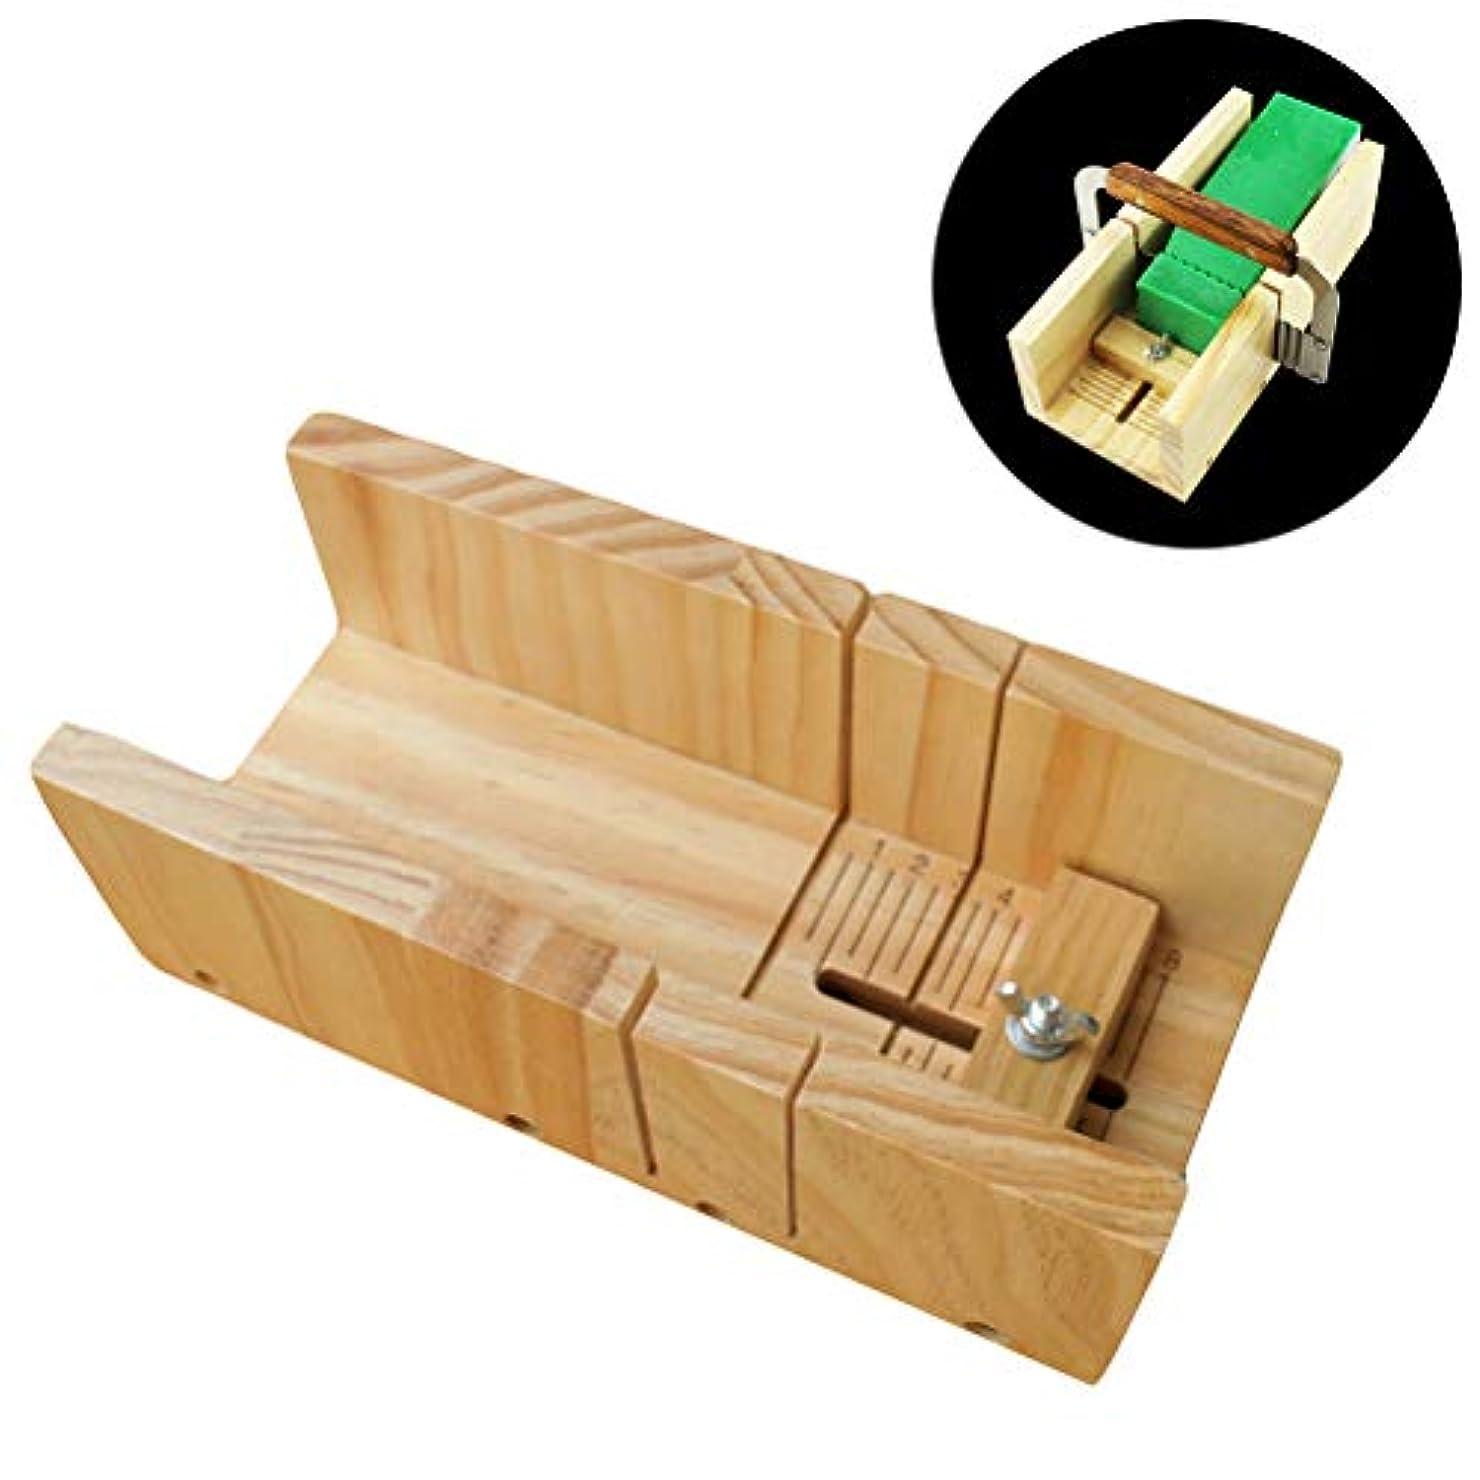 間音楽ストリップHealifty 木製石鹸カッターモールド石鹸ロープモールド調節可能なカッターモールドボックス石鹸ツールを作る